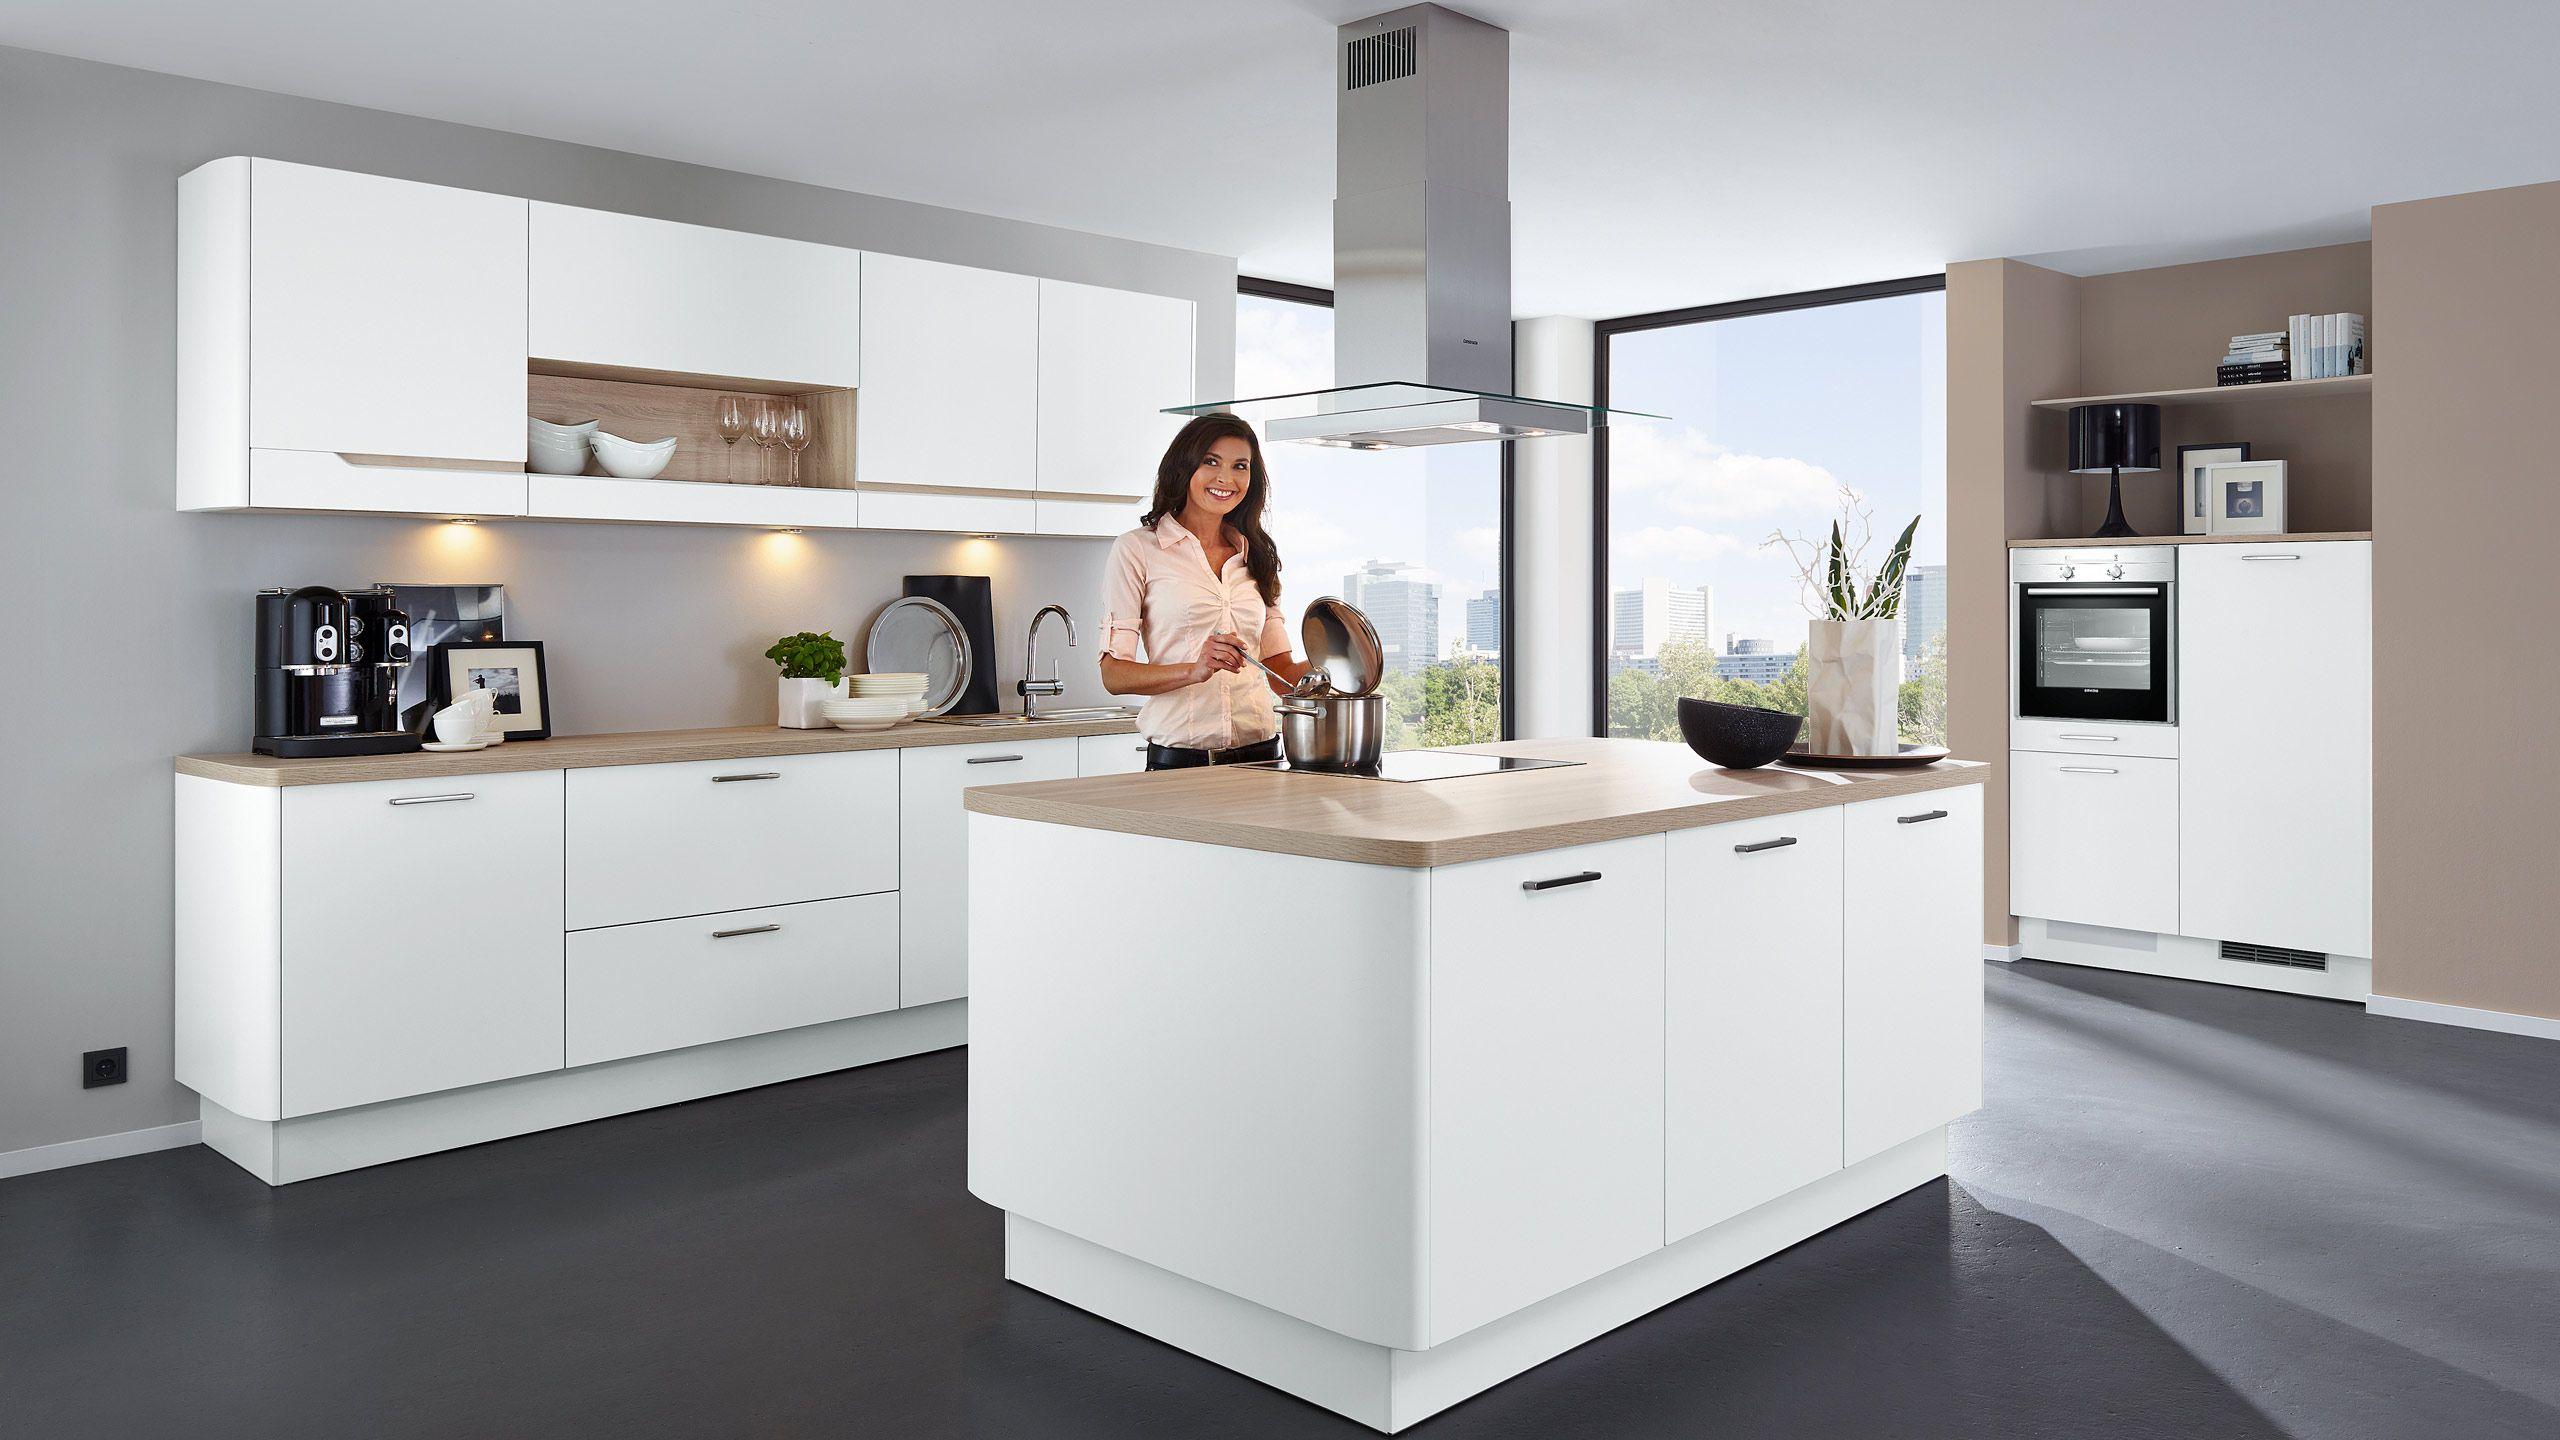 Küchen mit Kochinsel - das fröhliche m - Saarlouis Homburg | Haus ...